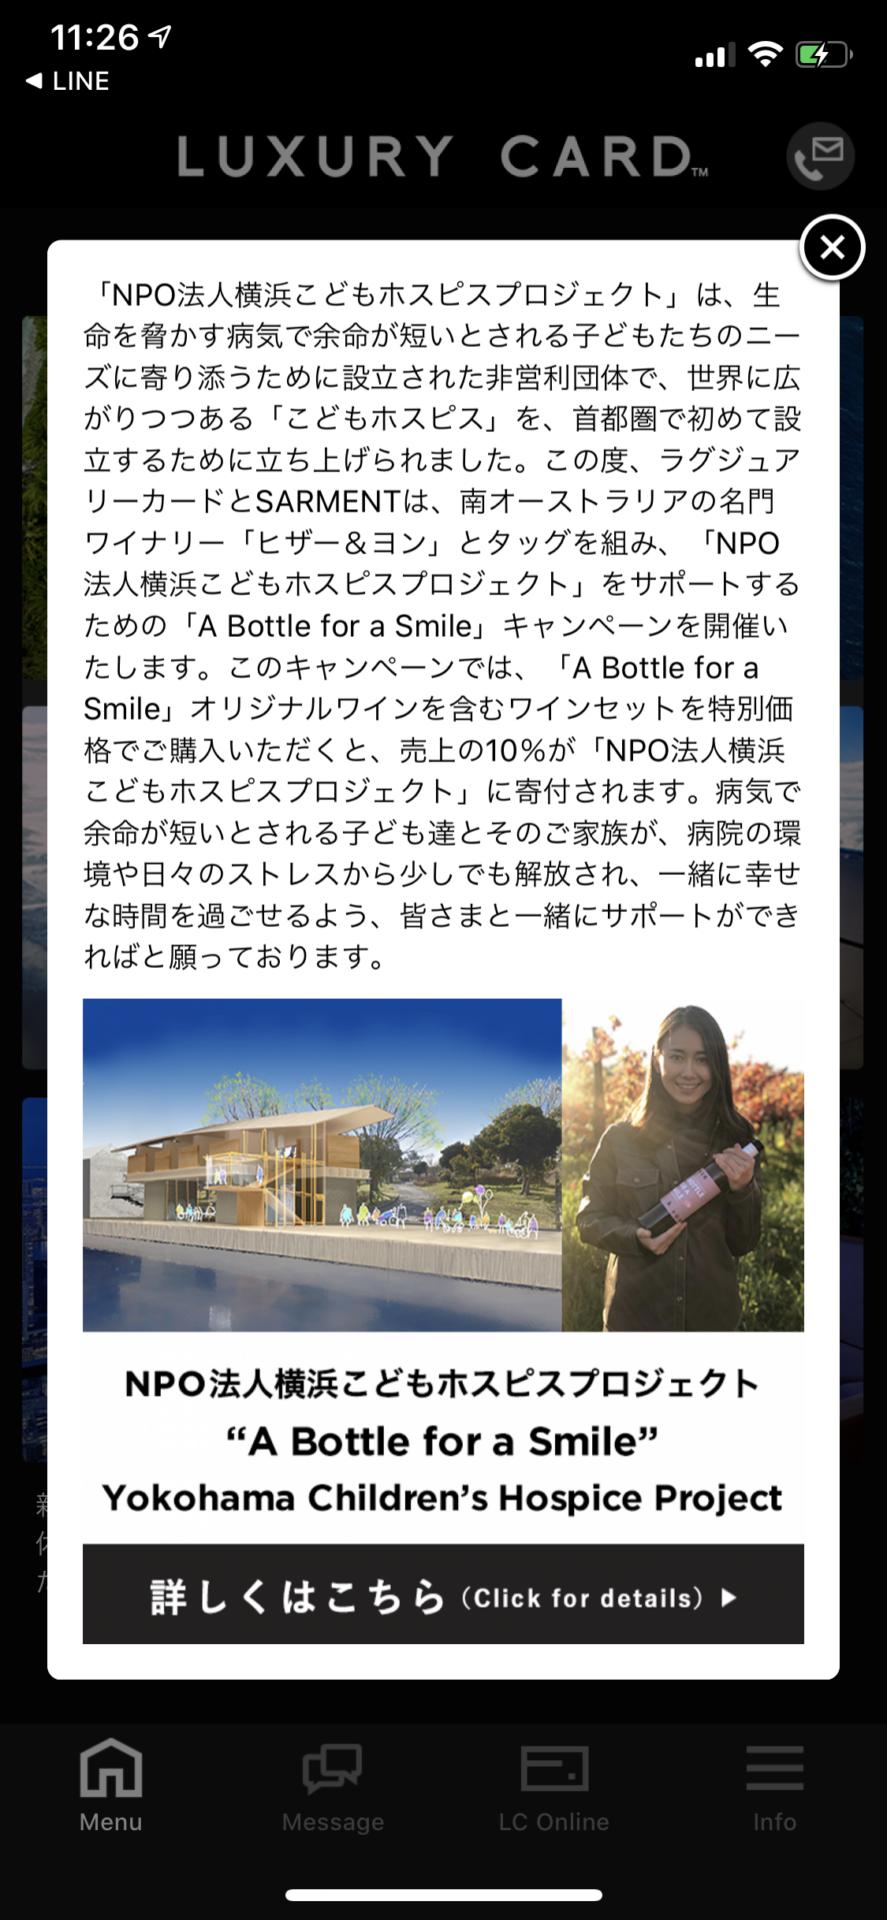 ワイン購入でNPO法人横浜こどもホスピスプロジェクトに寄付 (ラグジュアリーカード) (4)